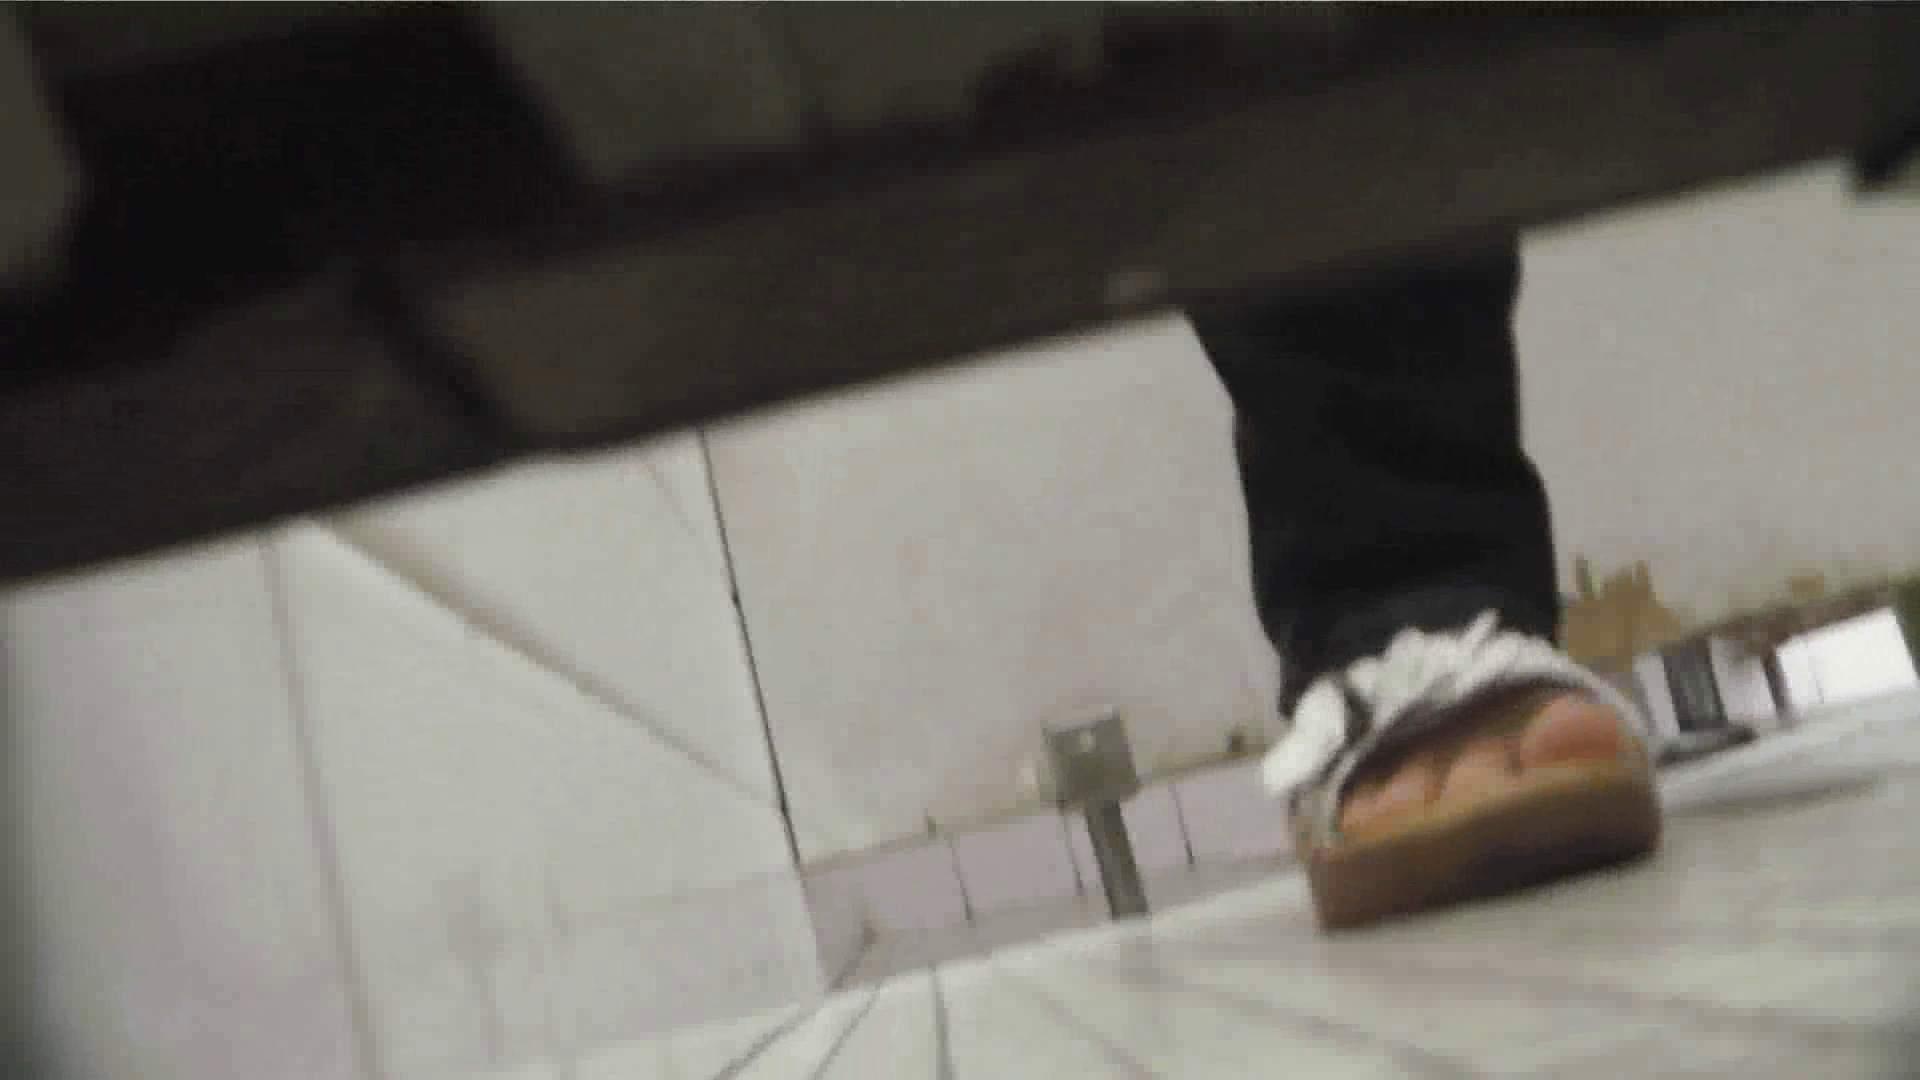 【美しき個室な世界】 vol.025 メガネ属性ヾ(´∀`)ノ 洗面所 | 高評価  84画像 61